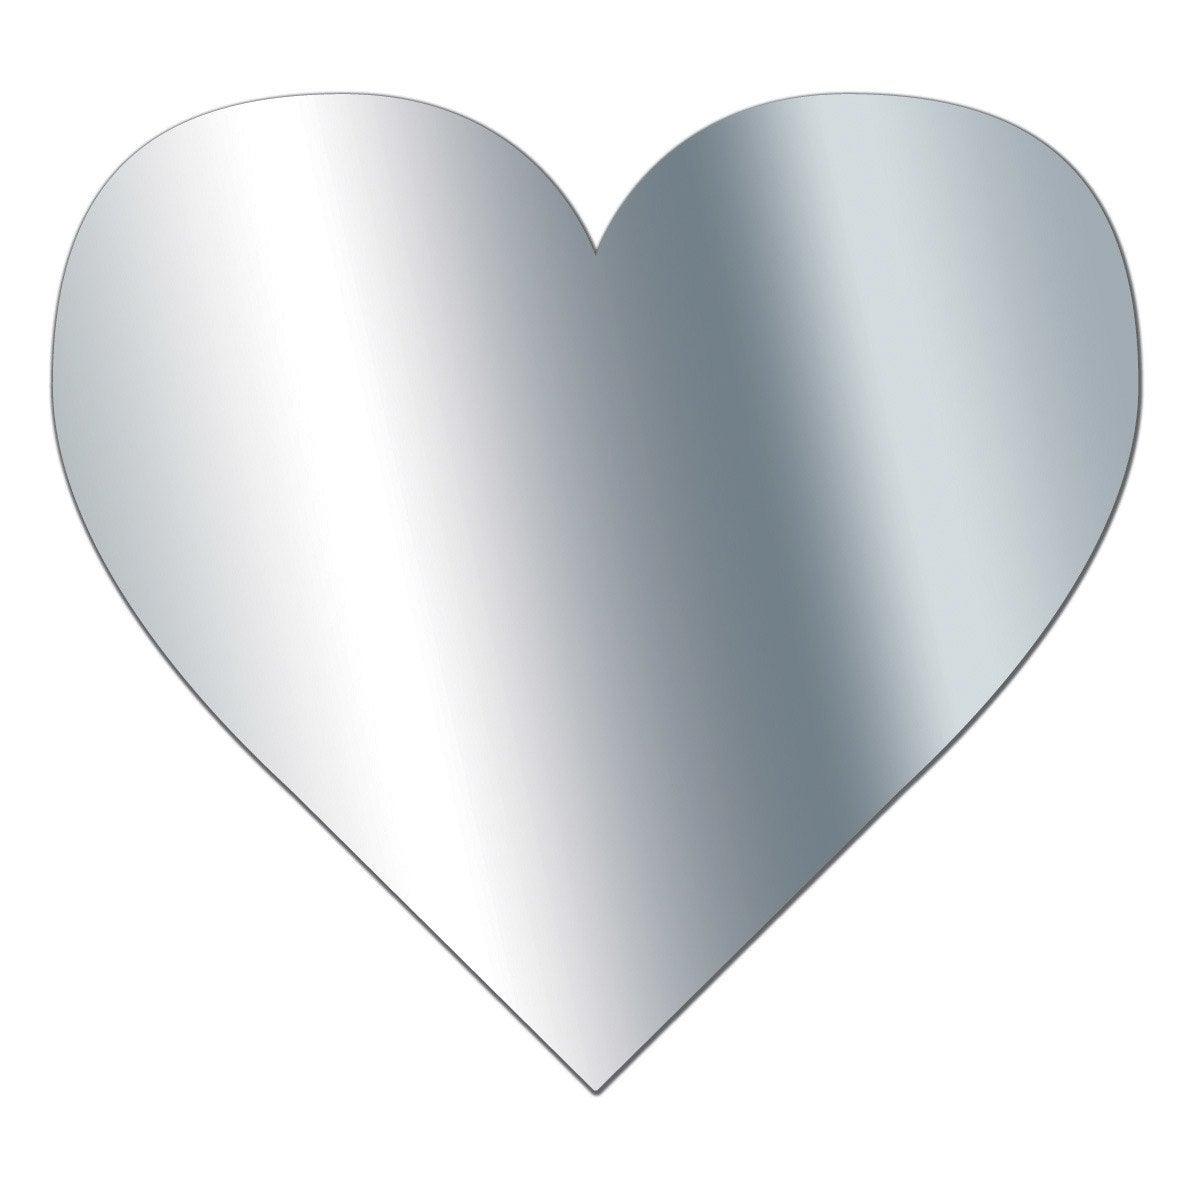 Miroir adh sif coeur 10 x 10 cm leroy merlin for Miroir autocollant leroy merlin